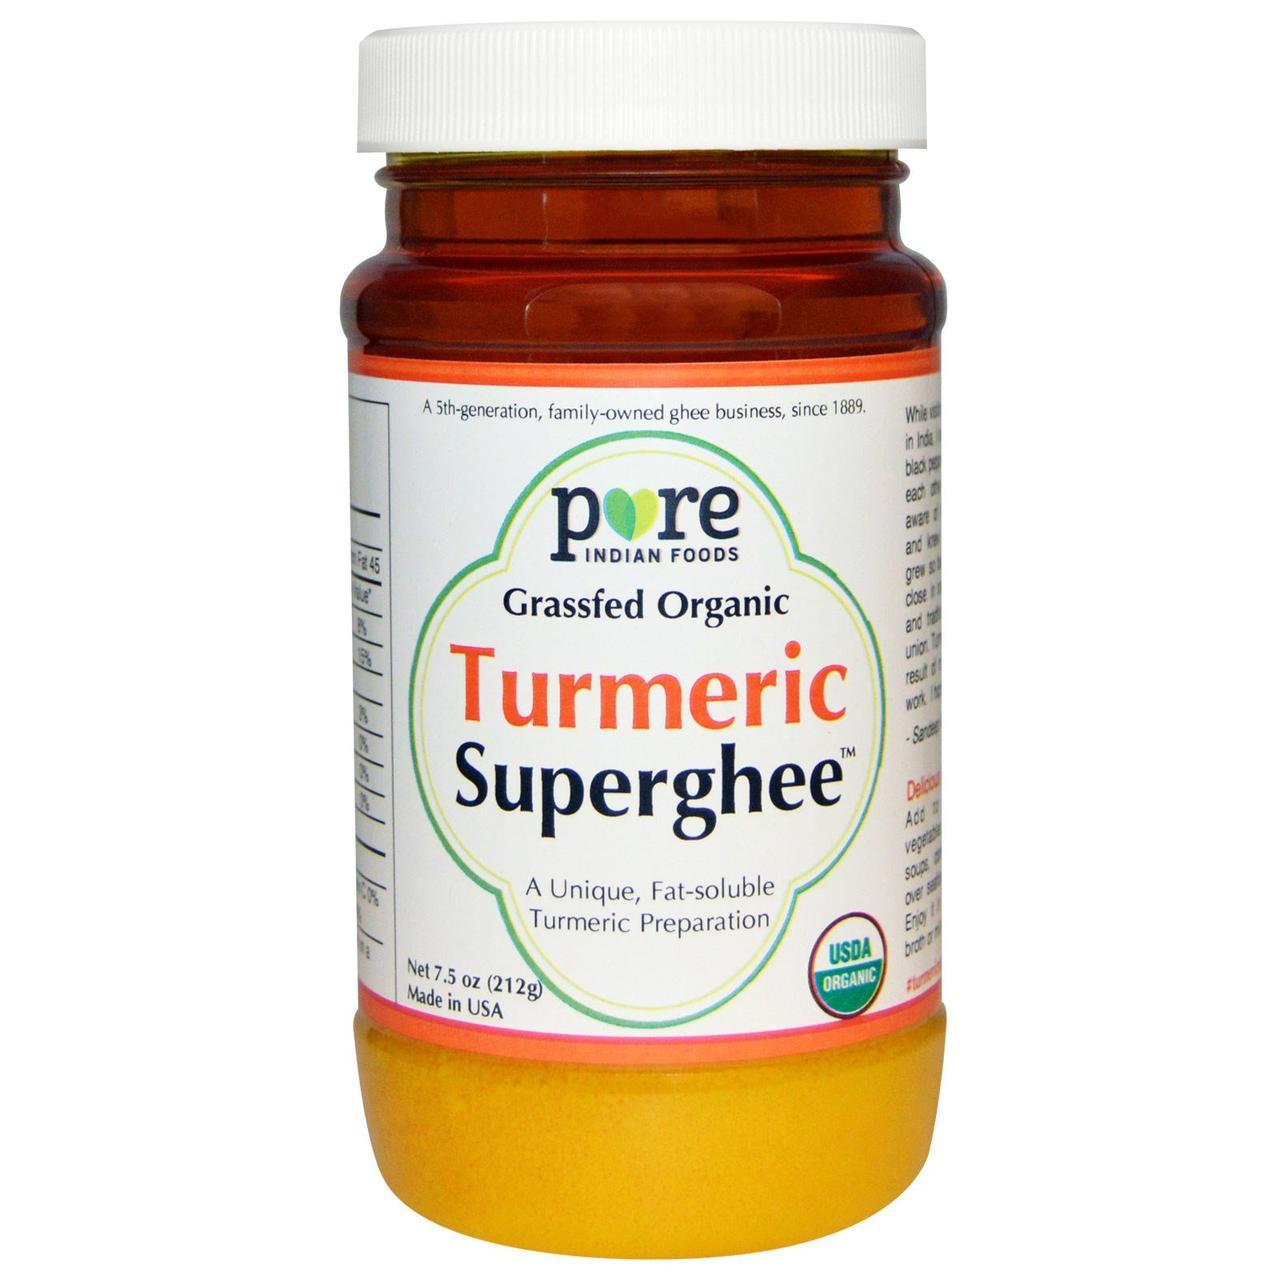 Pure Indian Foods, органічно Вирощена, Супергхи з куркумою, 7.5 унції (212 р)